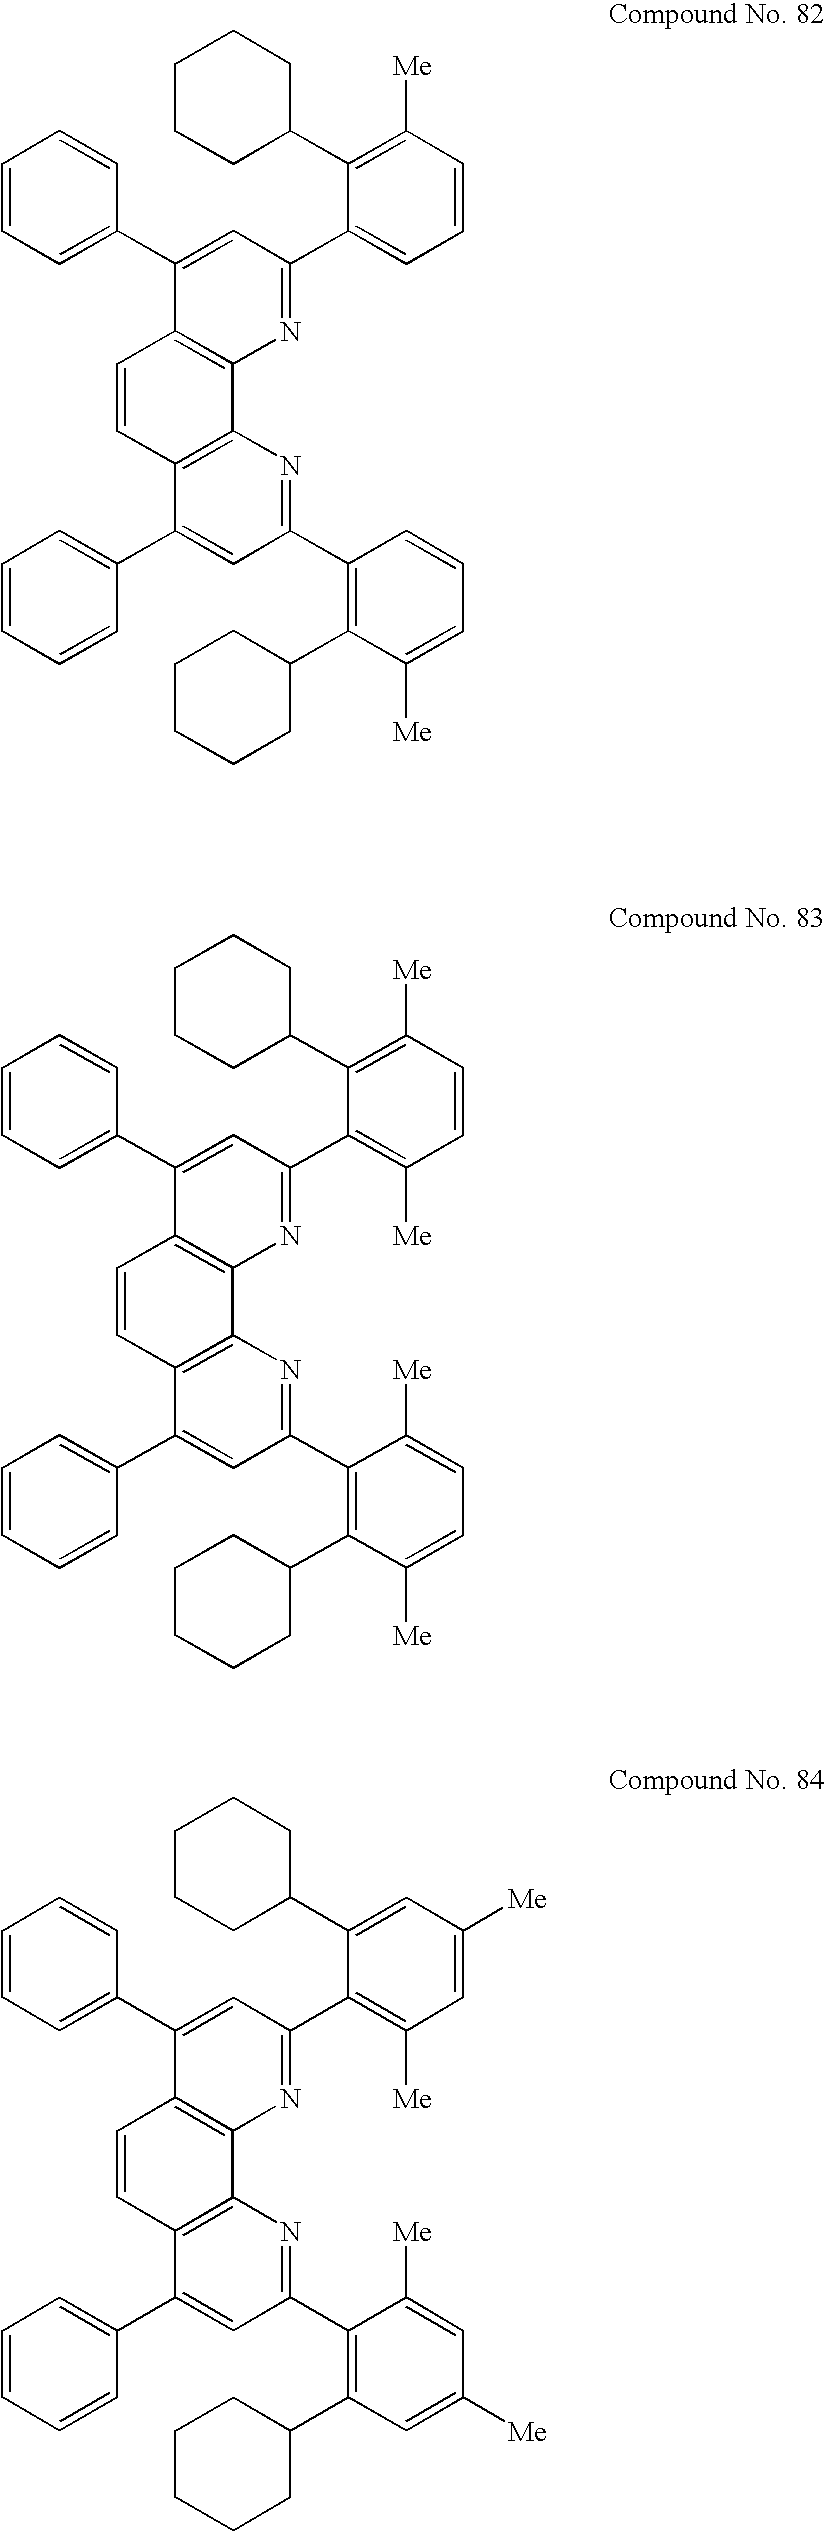 Figure US20050073641A1-20050407-C00026